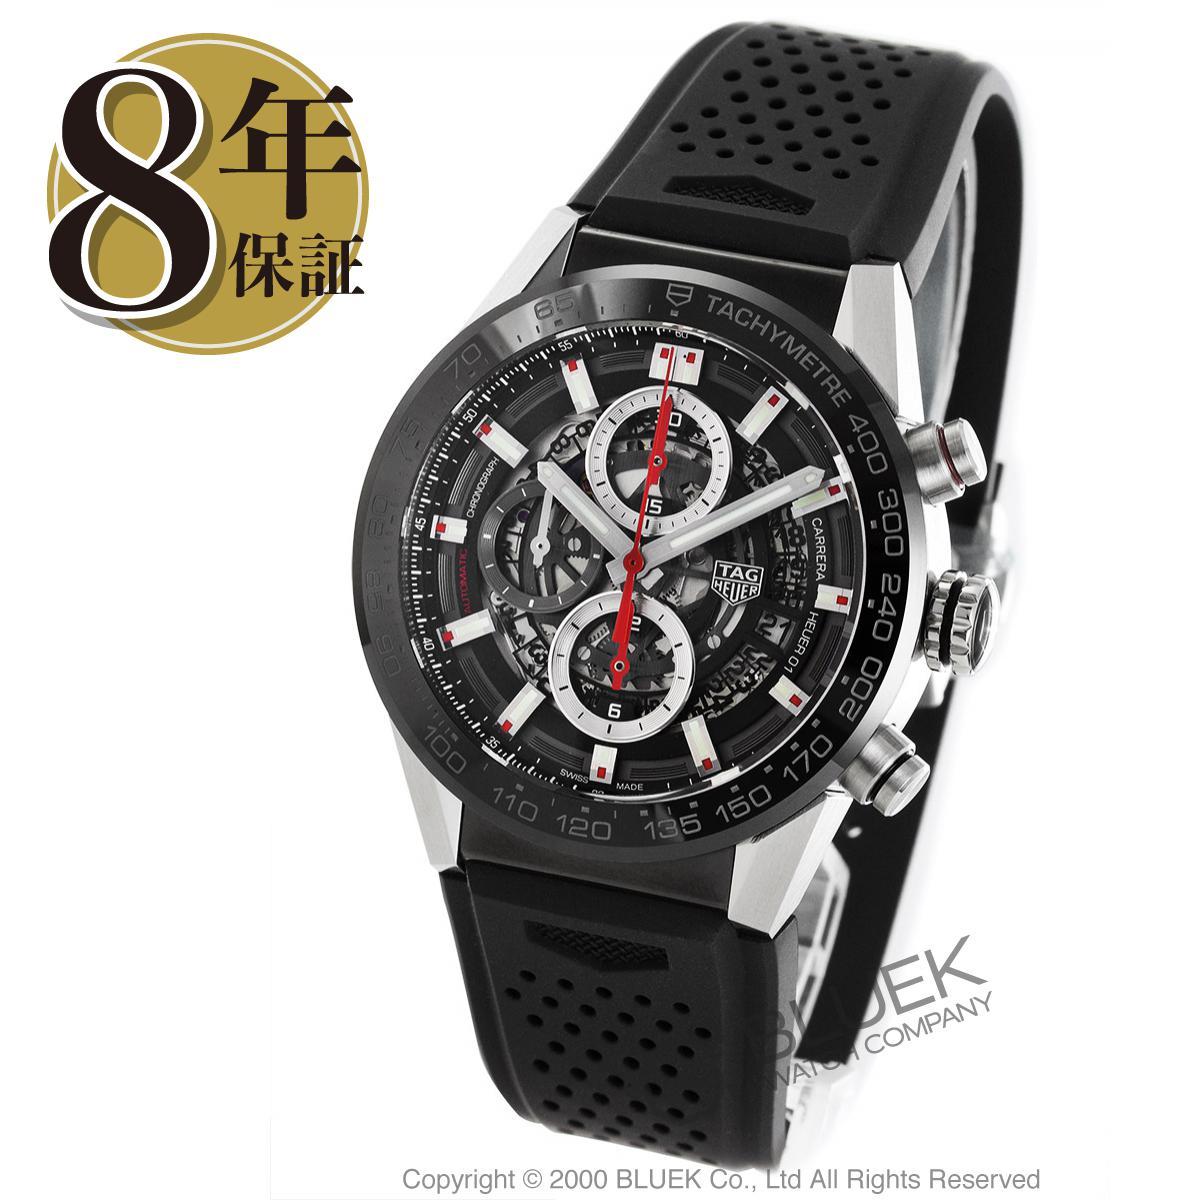 タグホイヤー カレラ ホイヤー01 クロノグラフ 腕時計 メンズ TAG Heuer CAR201V.FT6046_8